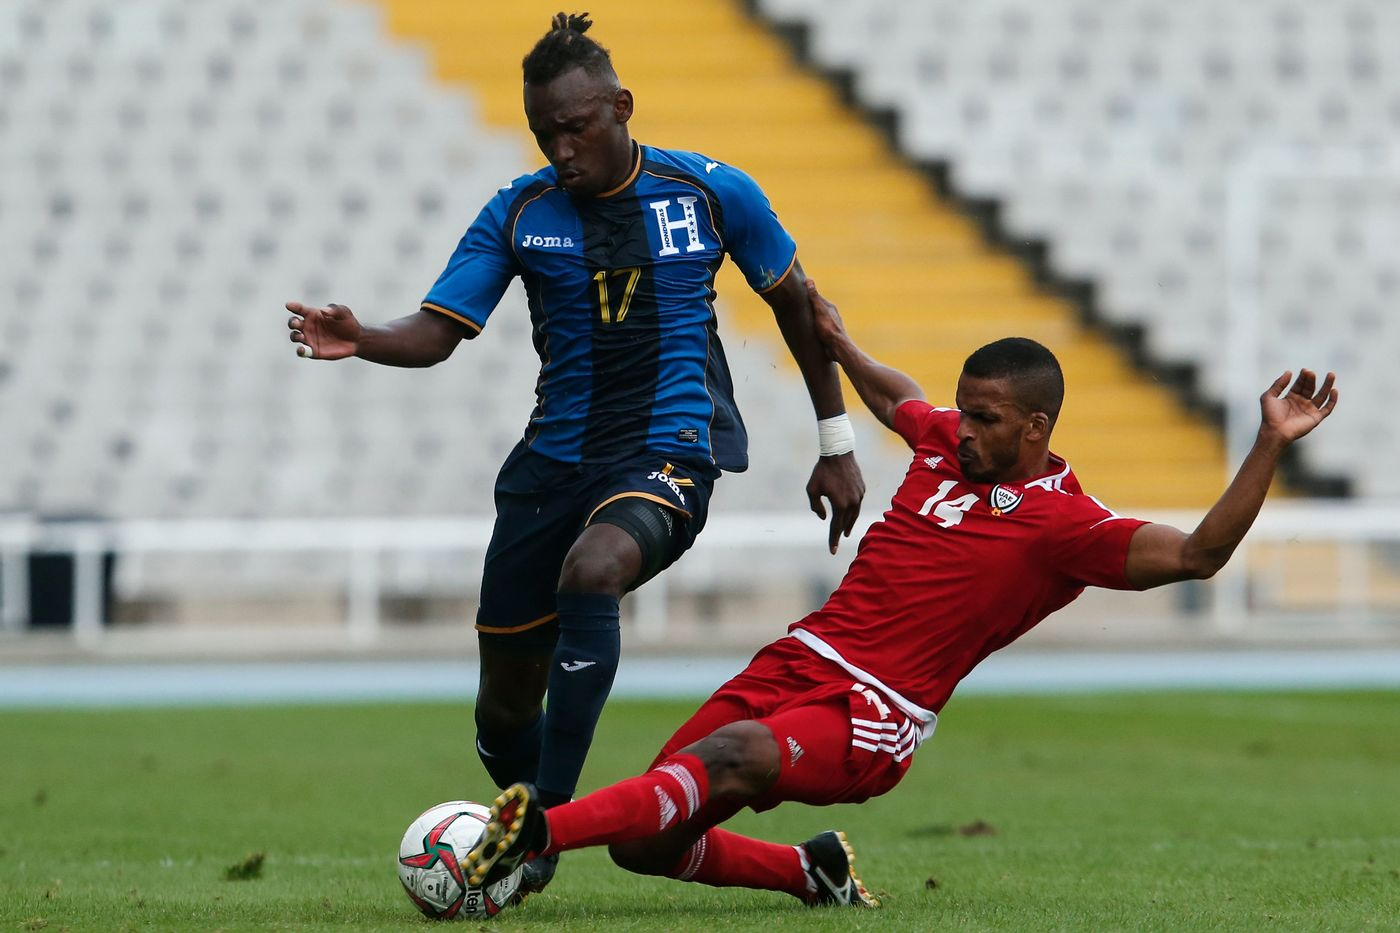 Gold Cup Honduras-Curaçao venerdì 21 giugno: analisi e pronostico della seconda giornata del Gruppo C. La Quota Vincente. Calcio.